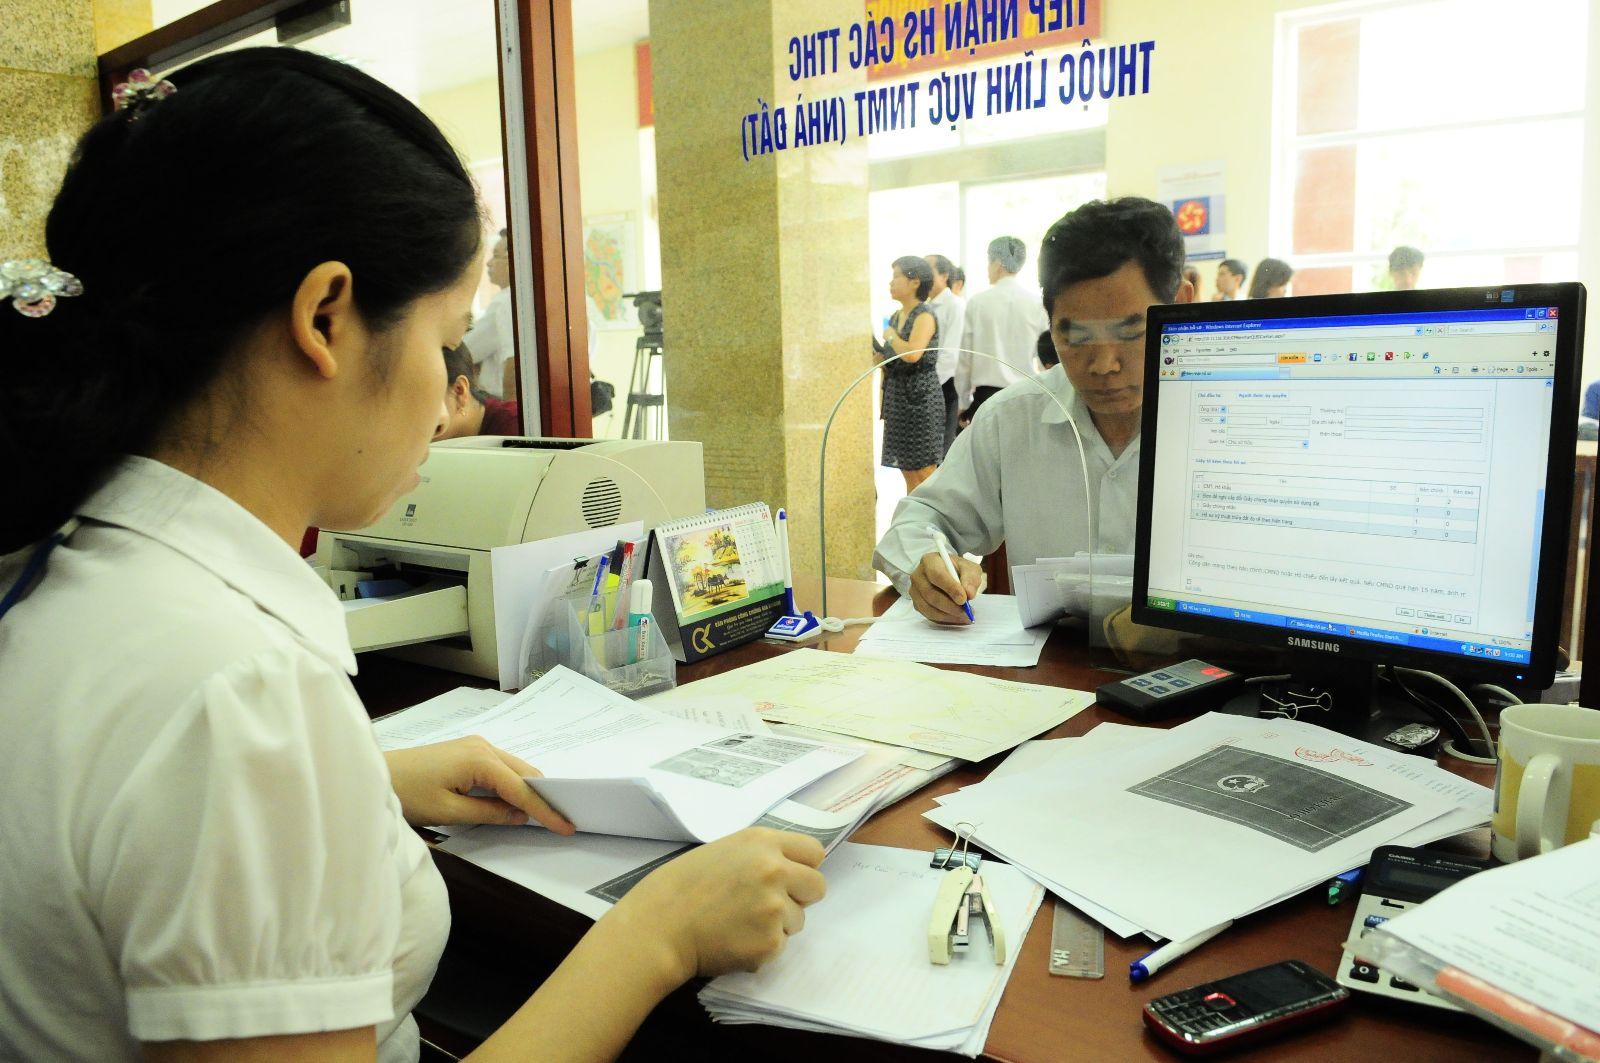 Công bố thủ tục hành chính thuộc thẩm quyền giải quyết của Ban Dân tộc tỉnh Đắk Lắk